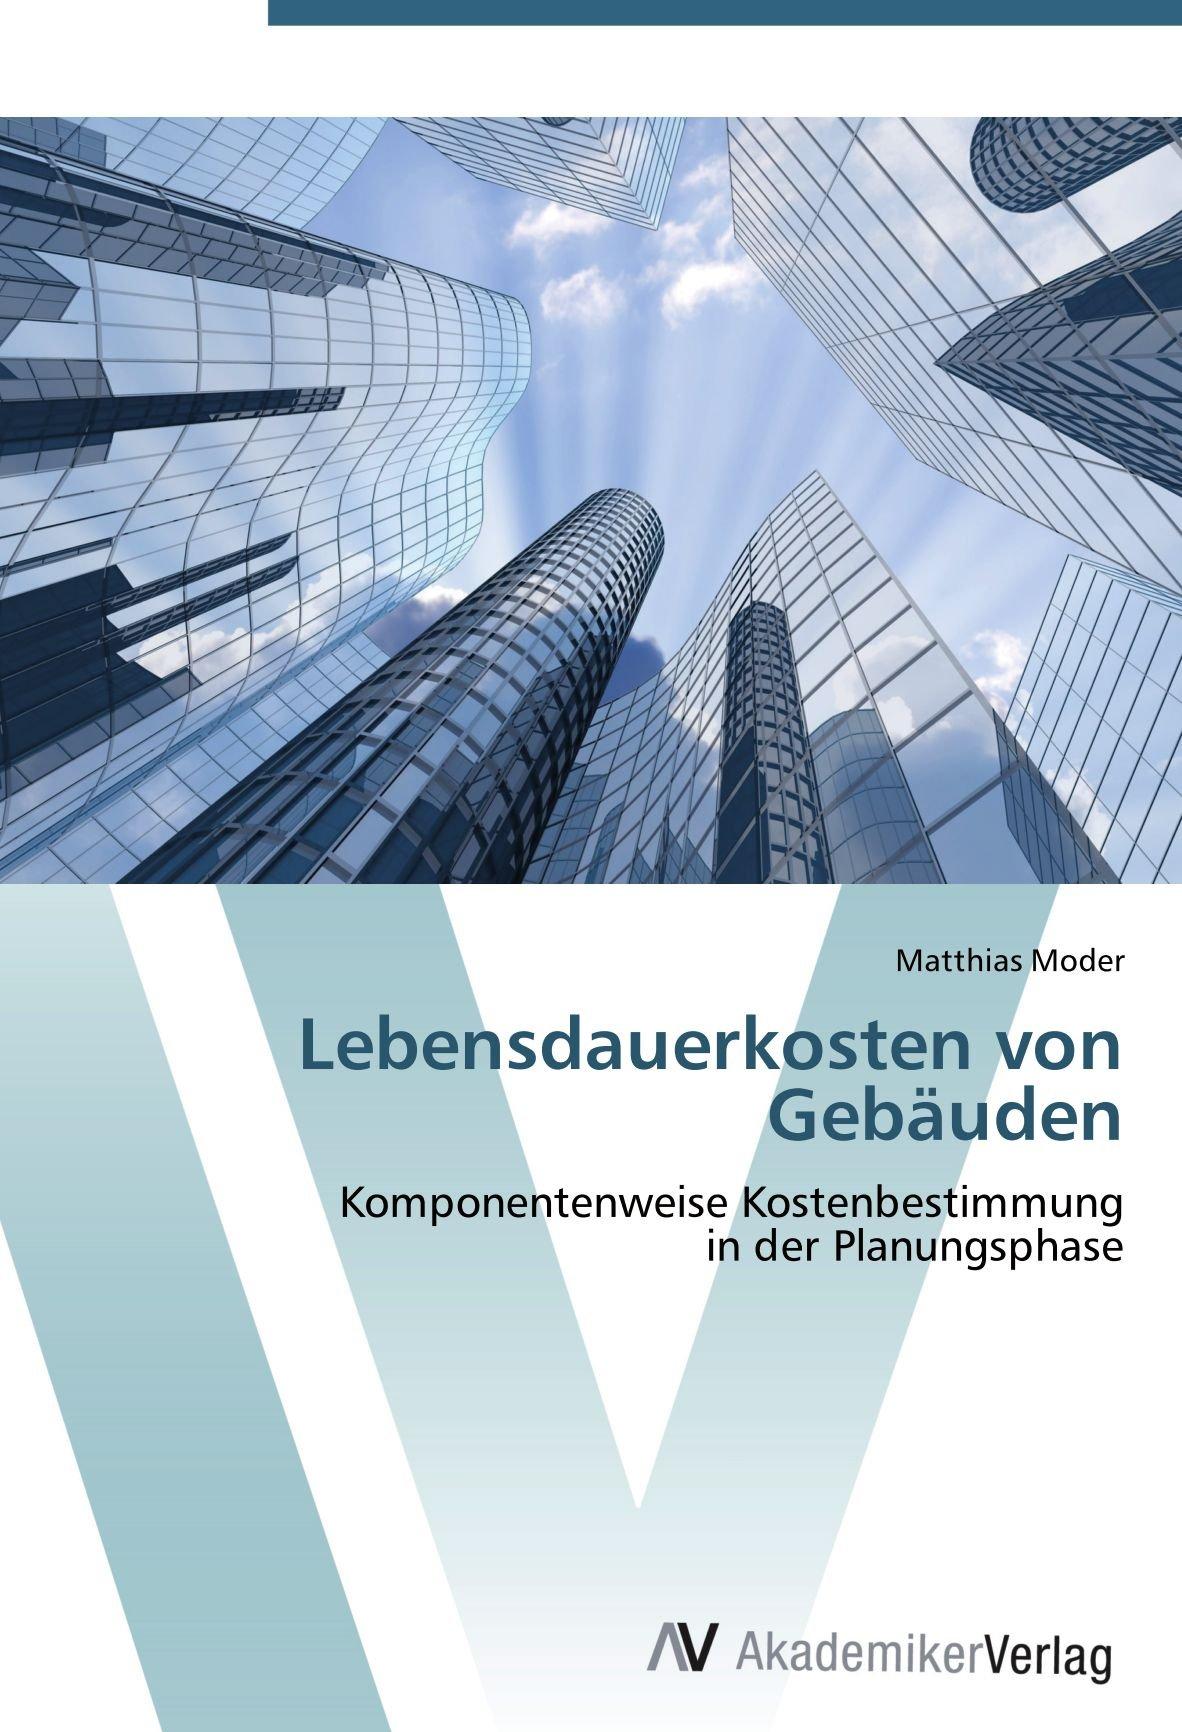 Lebensdauerkosten von Gebäuden: Komponentenweise Kostenbestimmung in der Planungsphase